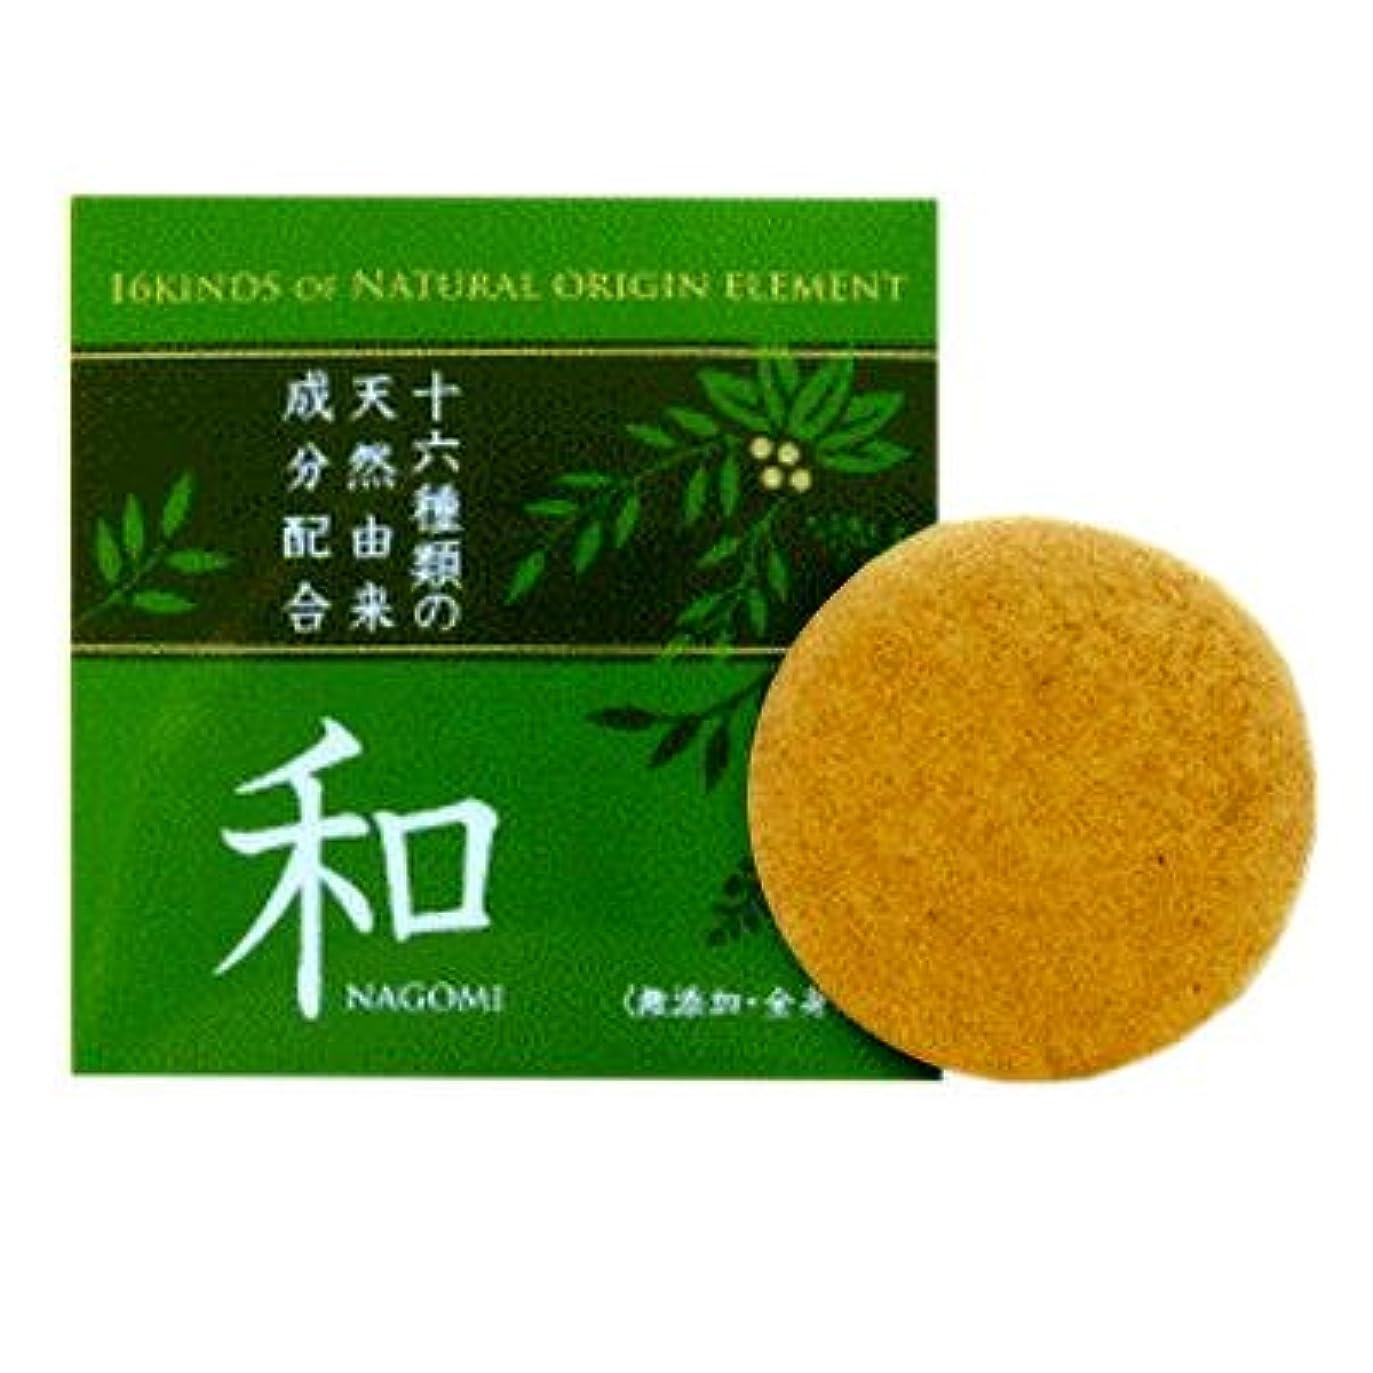 できれば臭いリードDOKA-SHOP 十六種類の天然由来成分配合【全身石鹸 和(なごみ NAGOMI) 60g + クリーミーでやさしい泡【泡立てネット】 オリジナルセットraimu-nagasaki